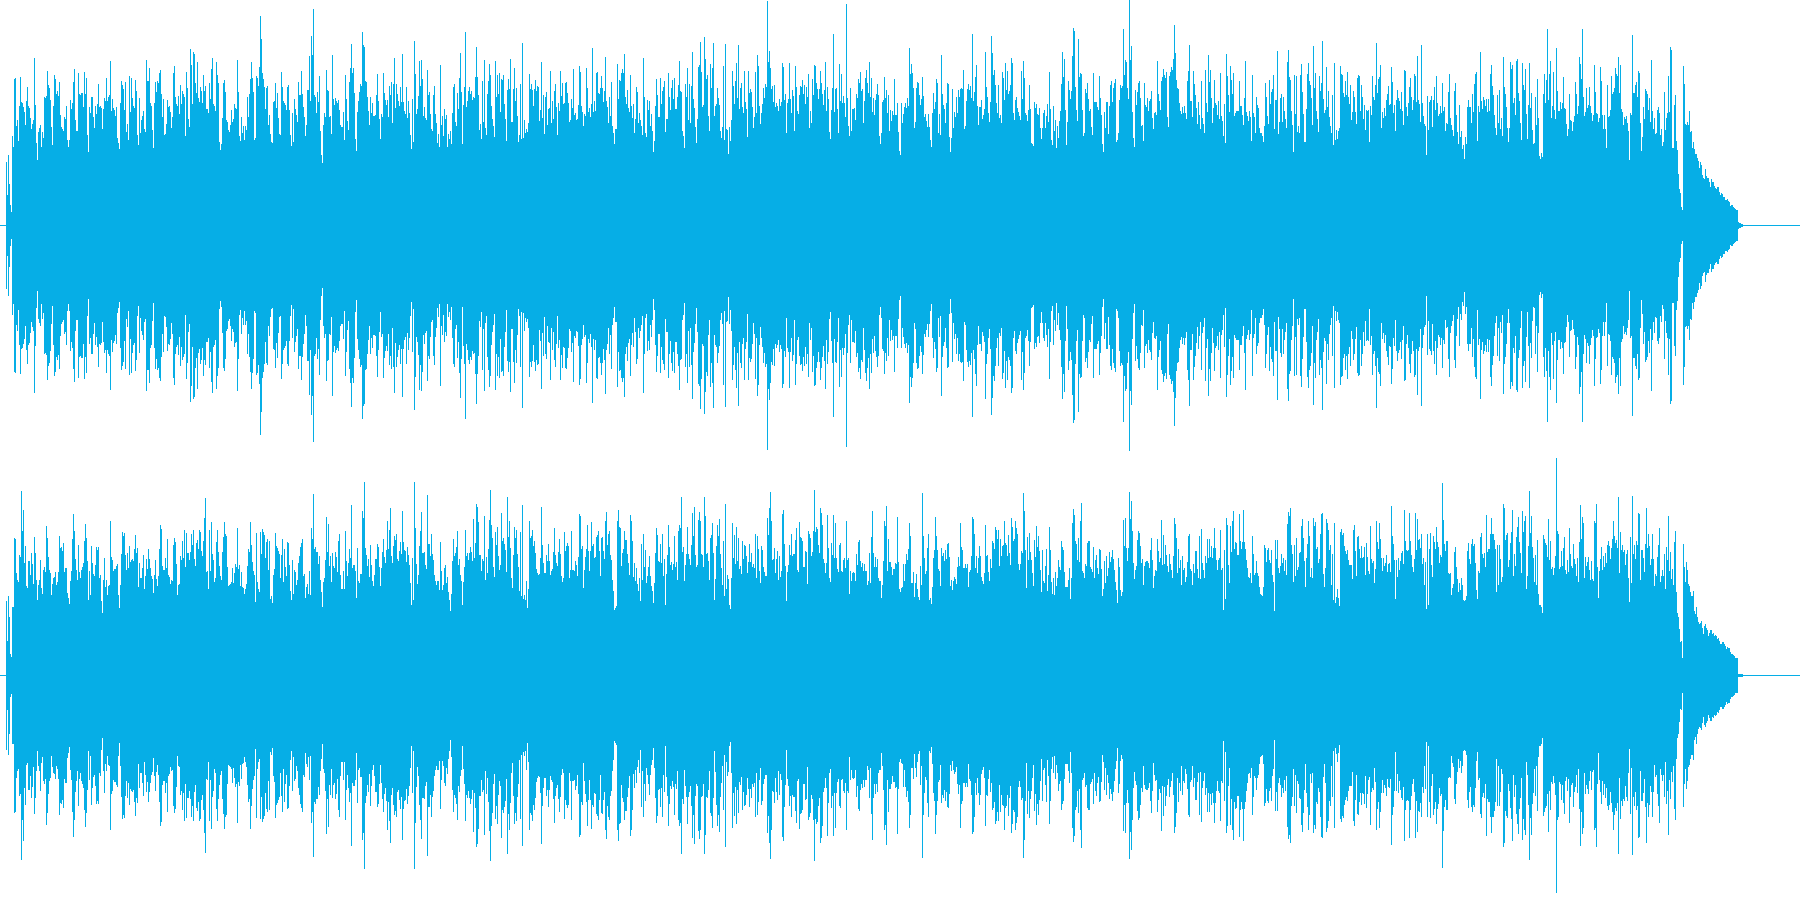 スウィンギーで絢爛たるバンド・ジャズの再生済みの波形